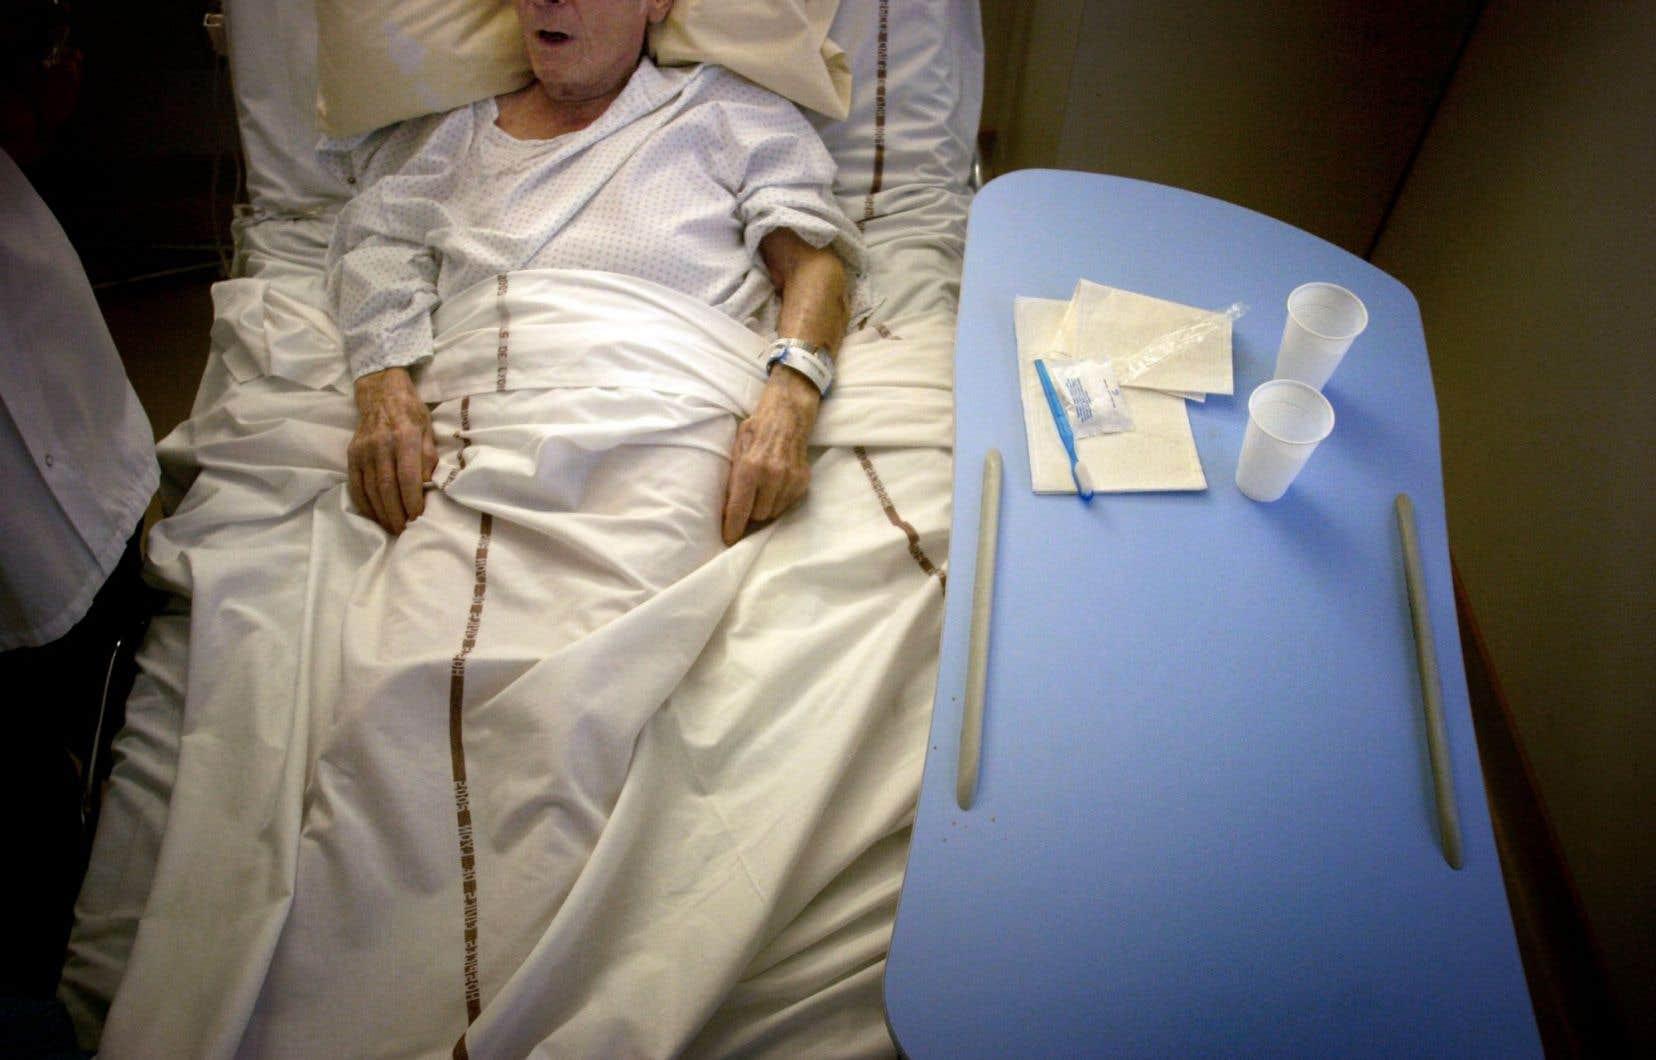 L'OMS craint l'avènement d'une ère où des infections courantes et des blessures mineures, soignées depuis des décennies, puissent à nouveau tuer. La plupart des infections bactériennes sont en effet devenues multirésistantes.